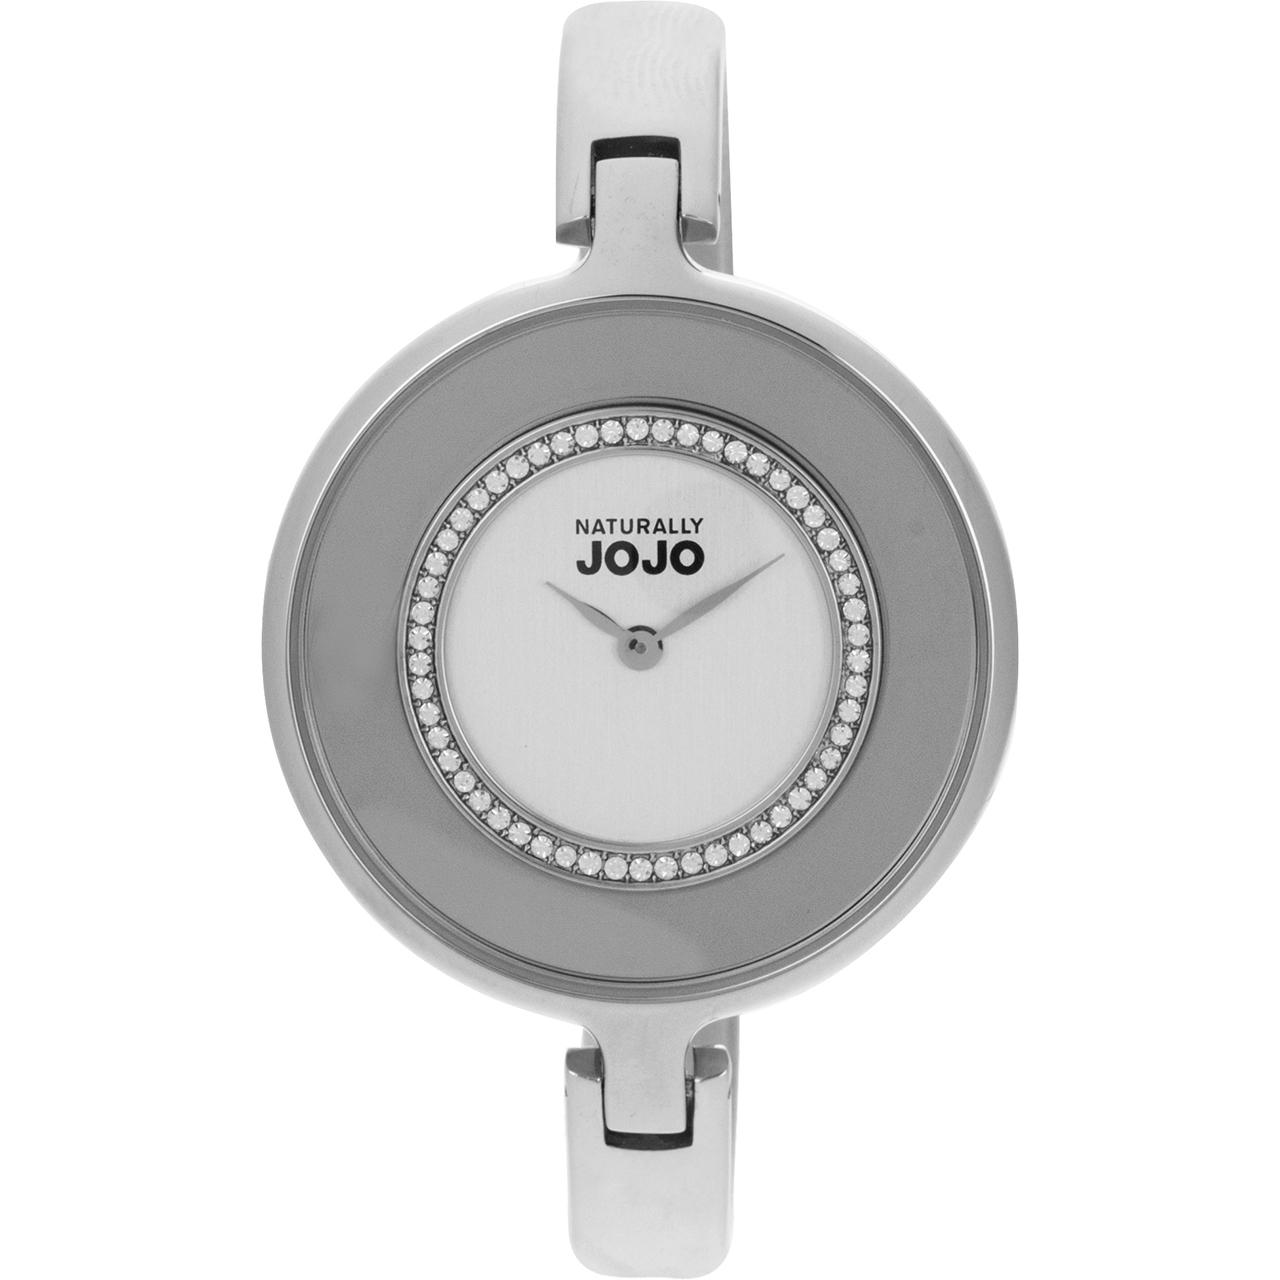 ساعت مچی عقربه ای زنانه نچرالی ژوژو مدل JO96678.80F